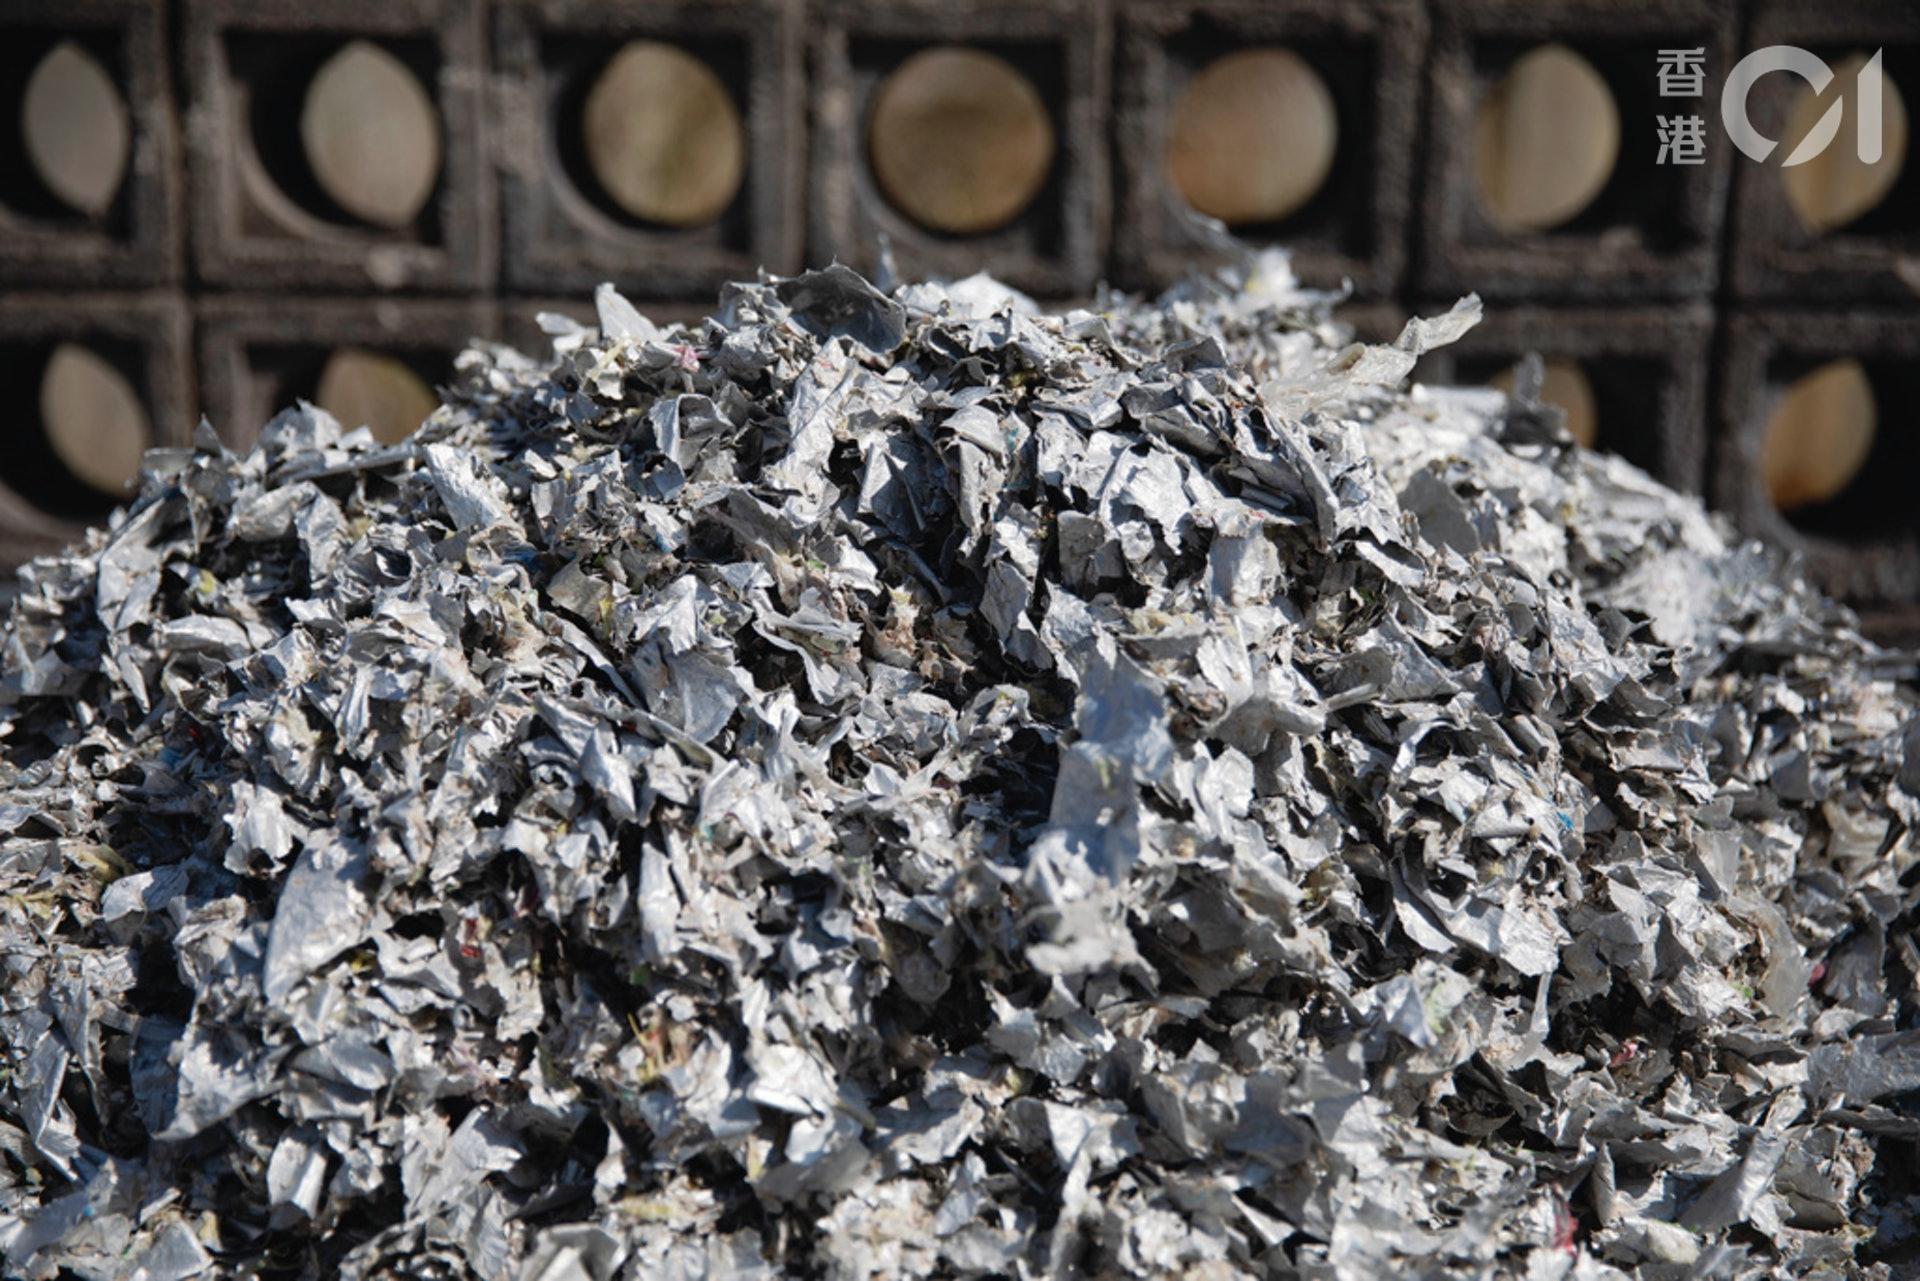 廠房內的大型水漿機,可分揀出紙包飲品盒中的鋁箔等雜質。